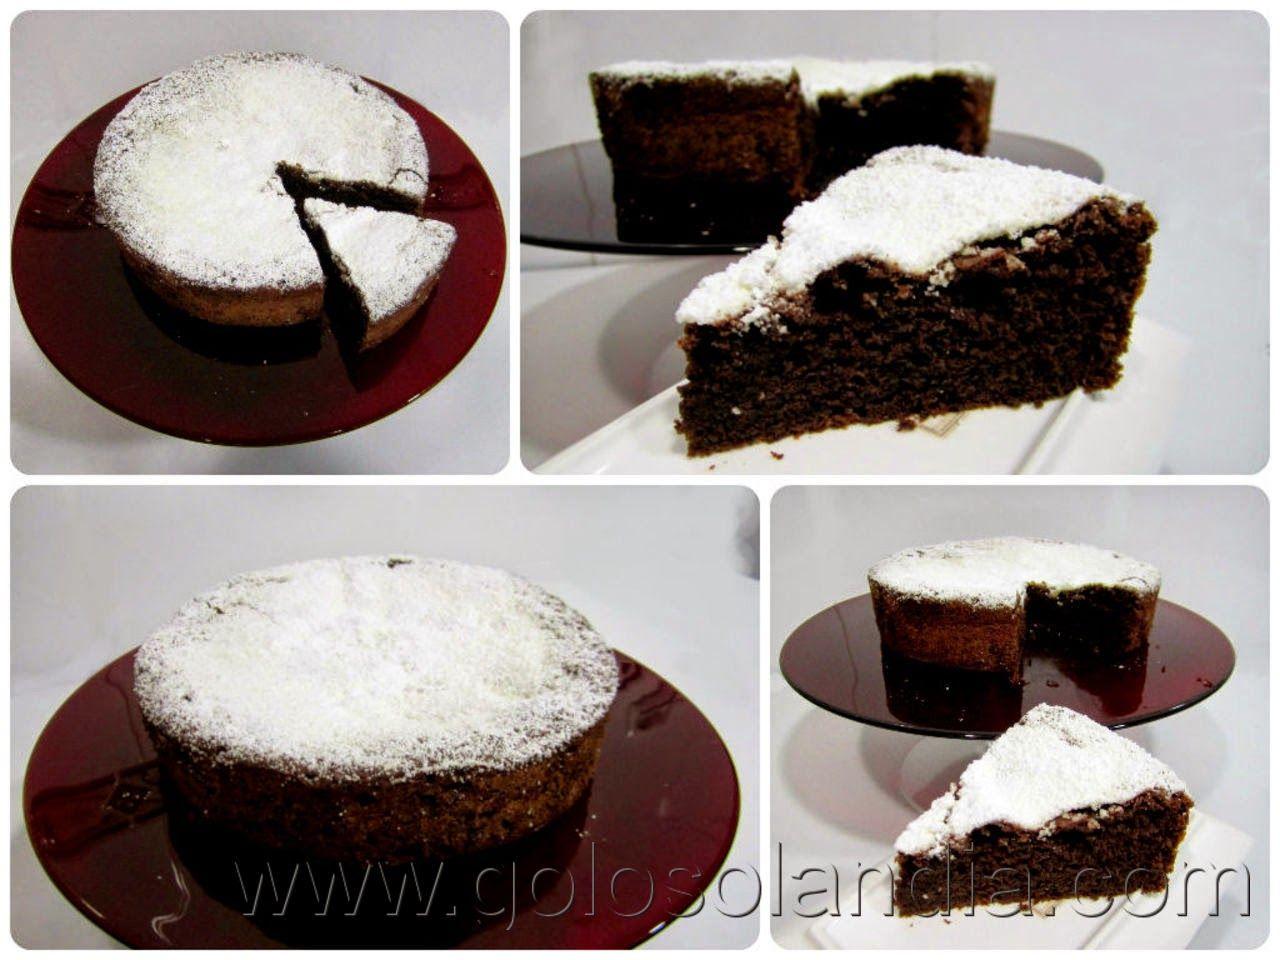 Bizocho de chocolate Fácil receta casera, paso a paso.  http://www.golosolandia.com/2014/06/bizcocho-de-chocolate.html